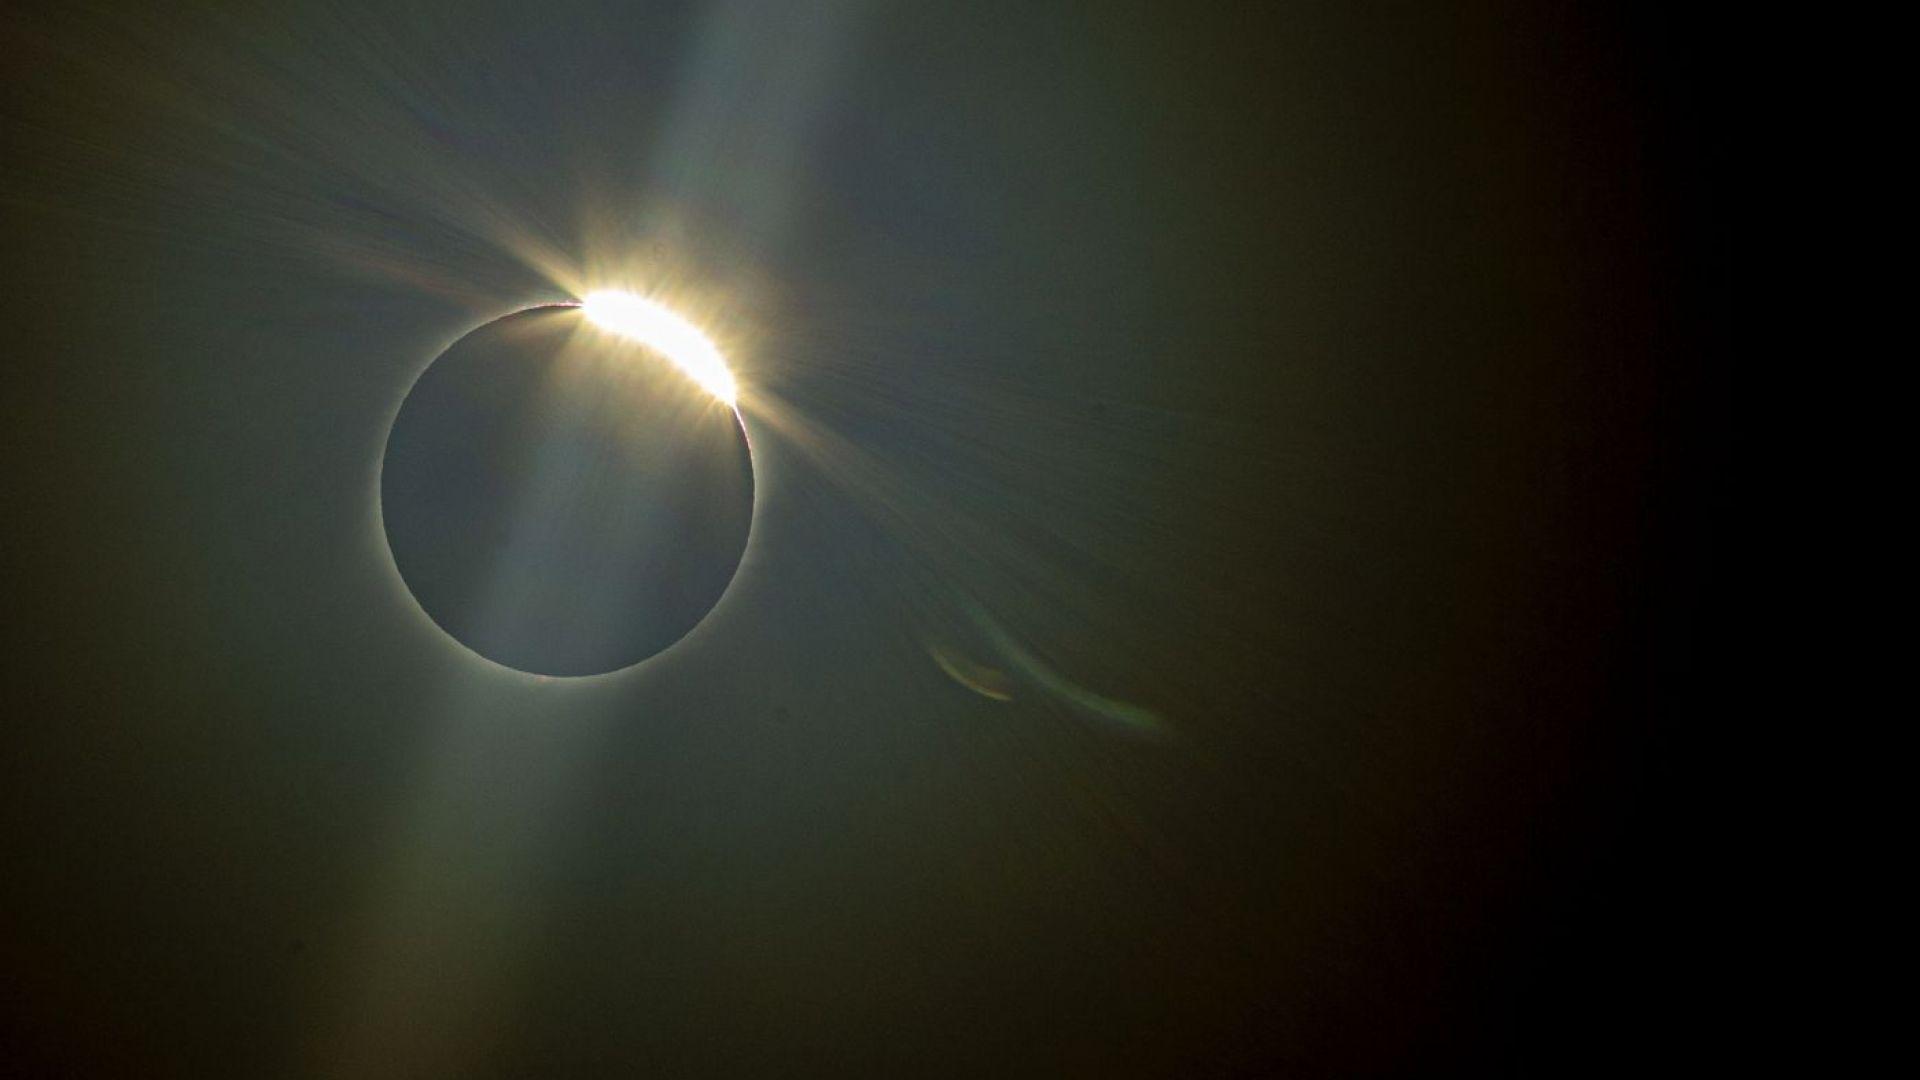 Пълно слънчево затъмнение наблюдаваха над Чили и Аржентина (снимки)